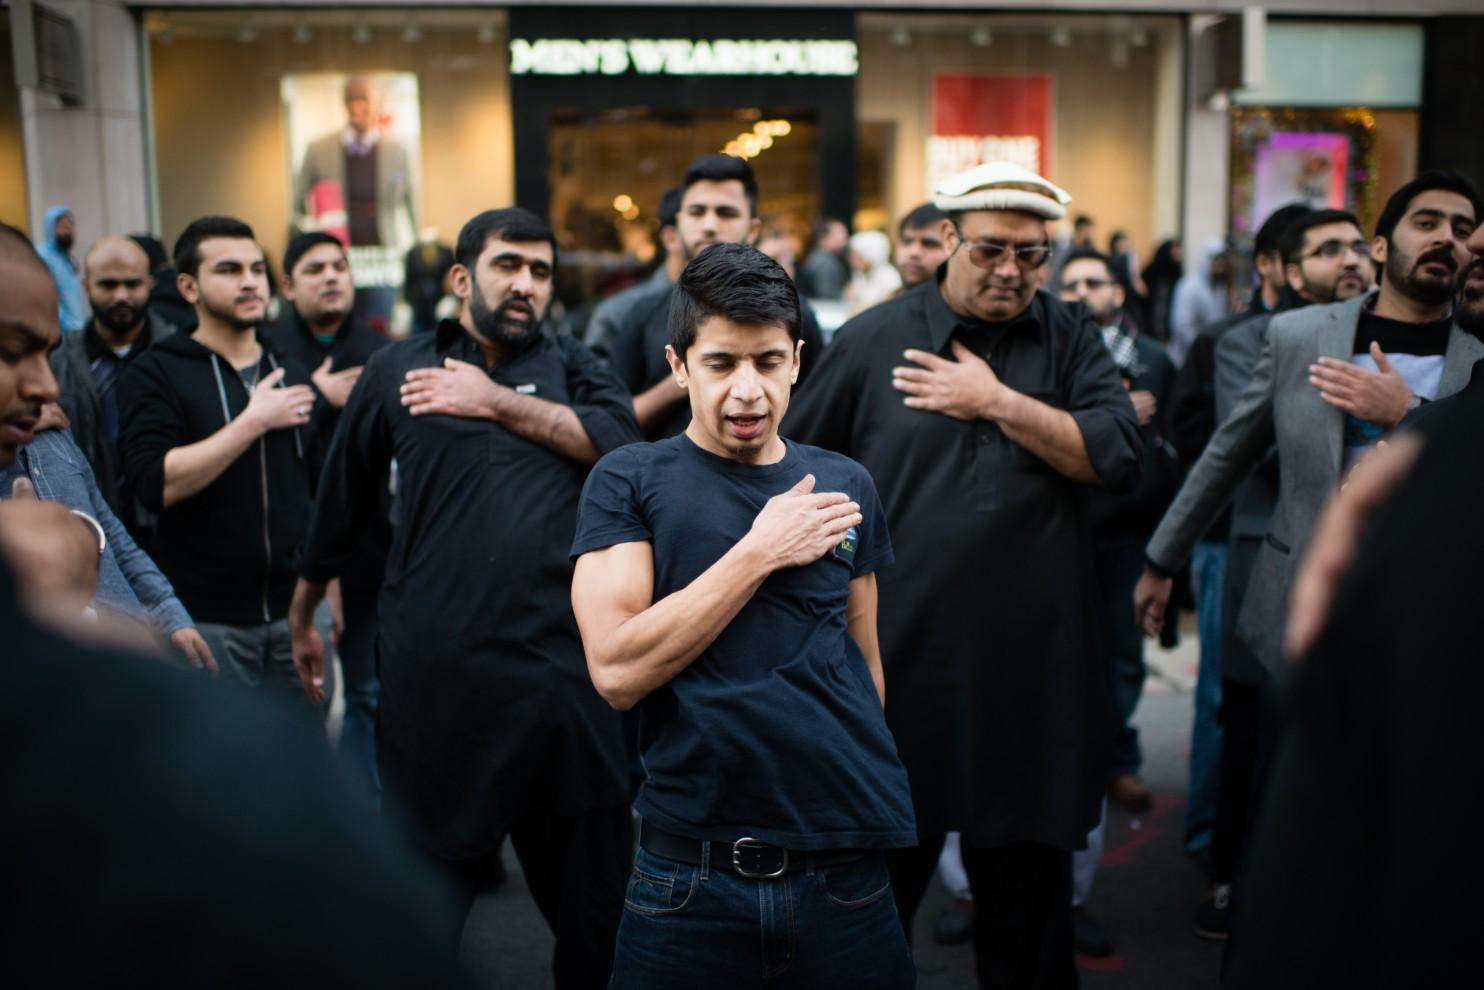 مراسم عاشوراء تثير سجالاً بين الشيعة في لبنان